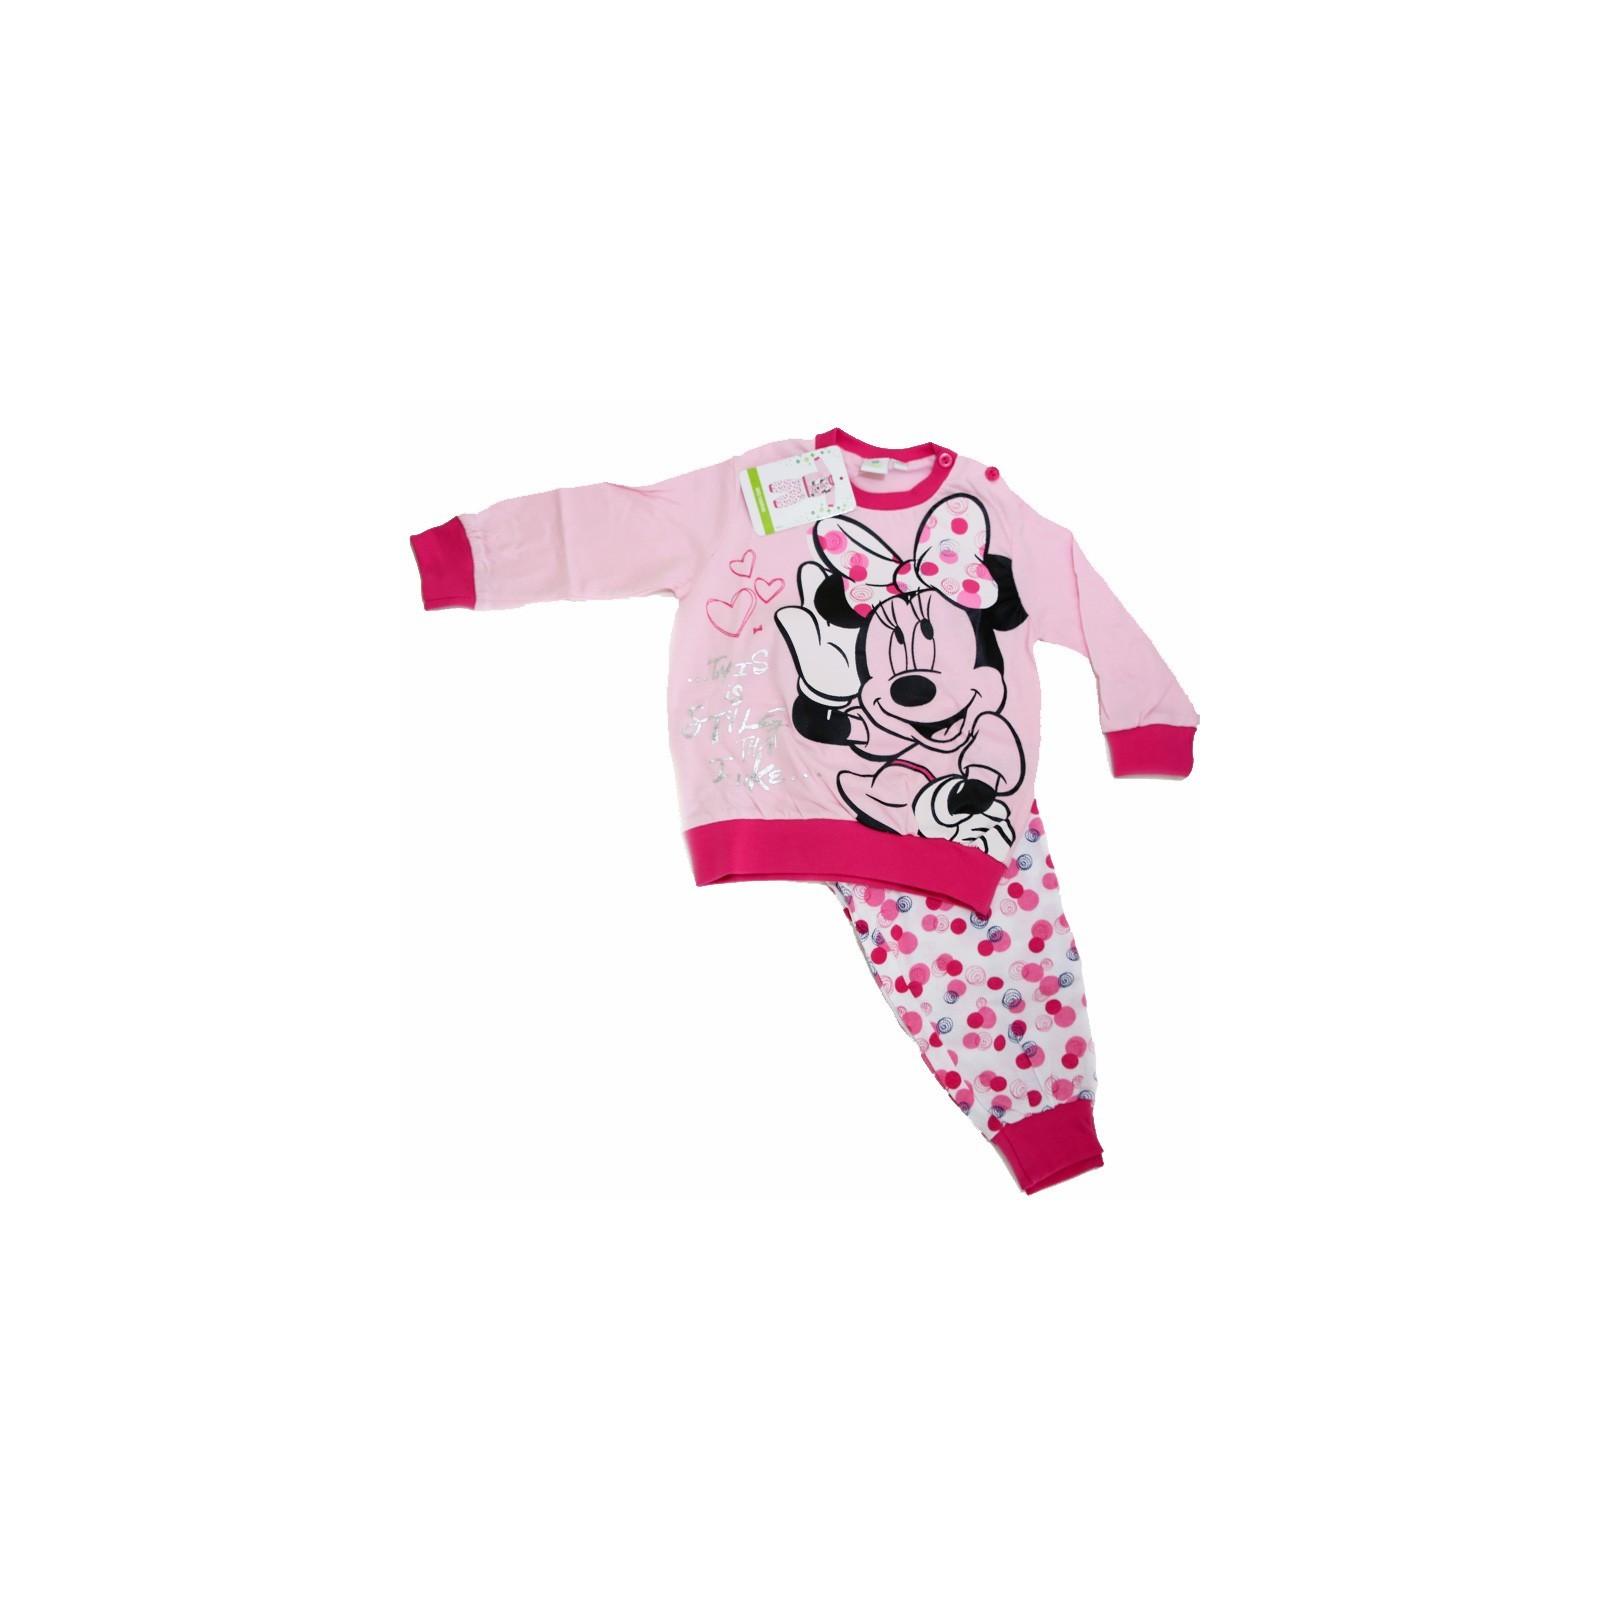 come trovare acquisto genuino Garanzia di qualità al 100% DISNEY pigiama cotone bimba MINNIE art. 100646 - Lady C